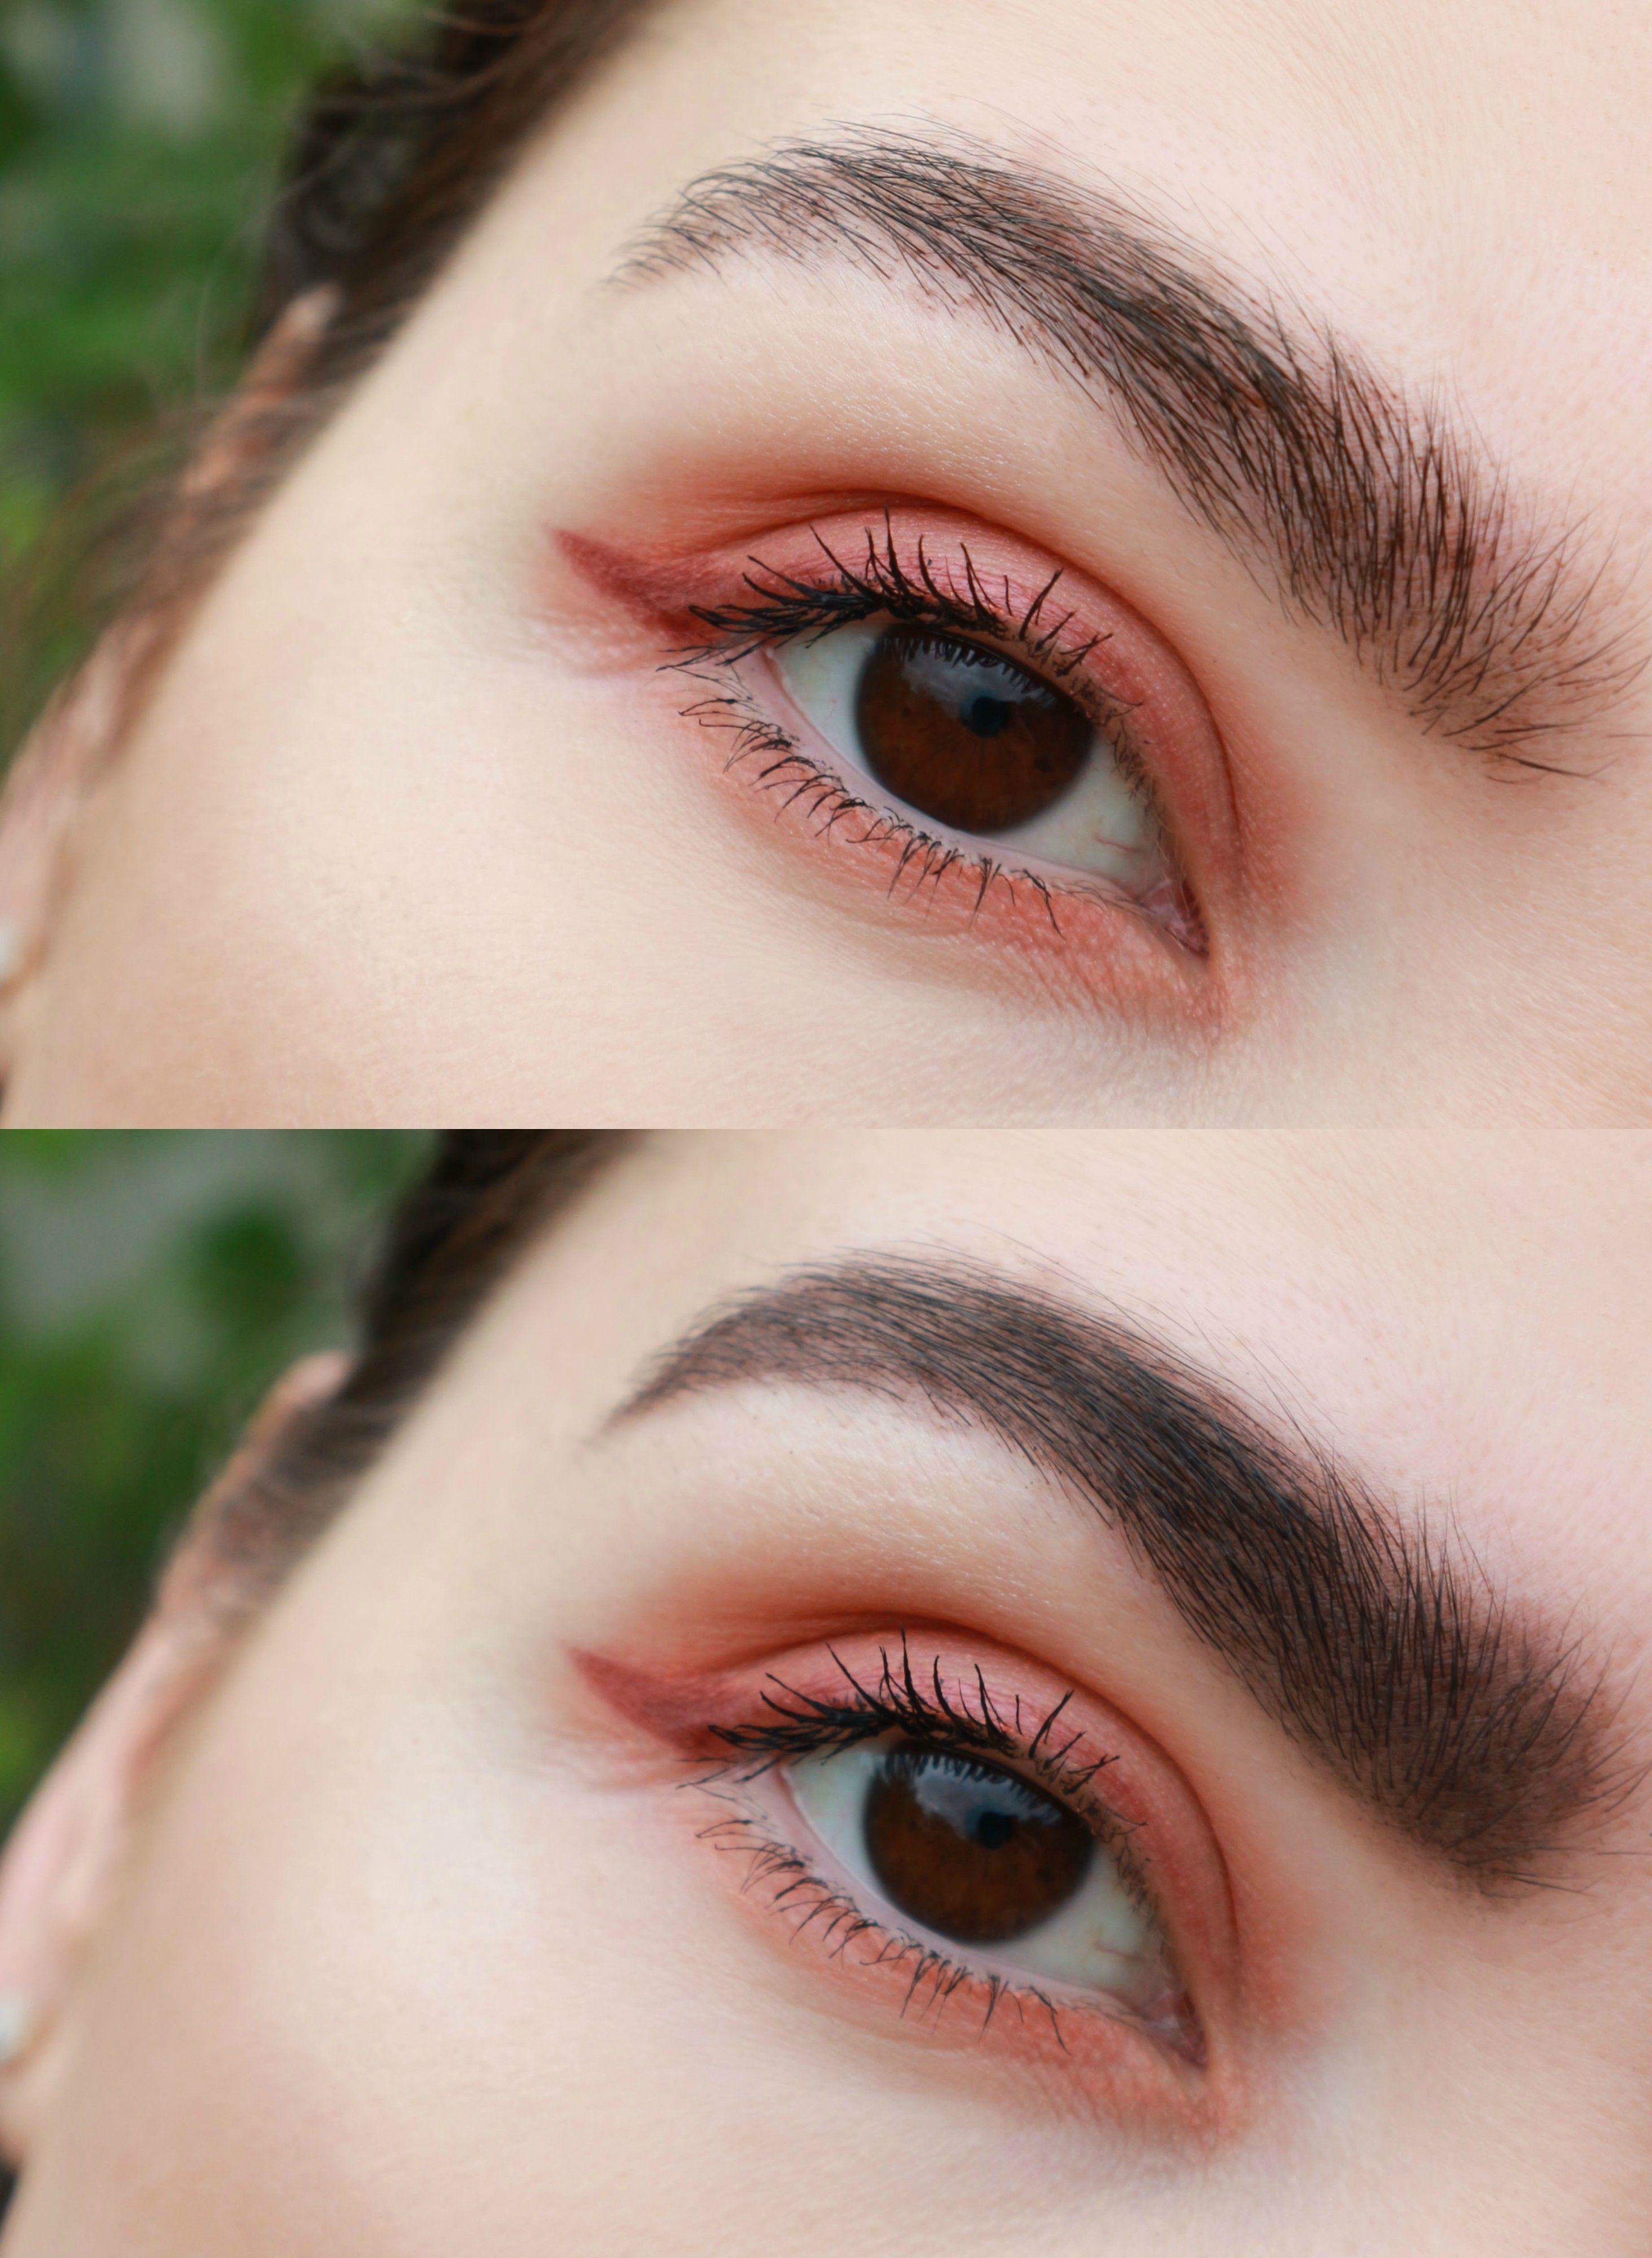 34ef1d4bc70 L'Oréal Paris paradise extatic brow pomade before ´n after #browsonfleek  #brows #browartist #lorealmakeup #lorealparis #loreal #makeup  #lorealparisde ...